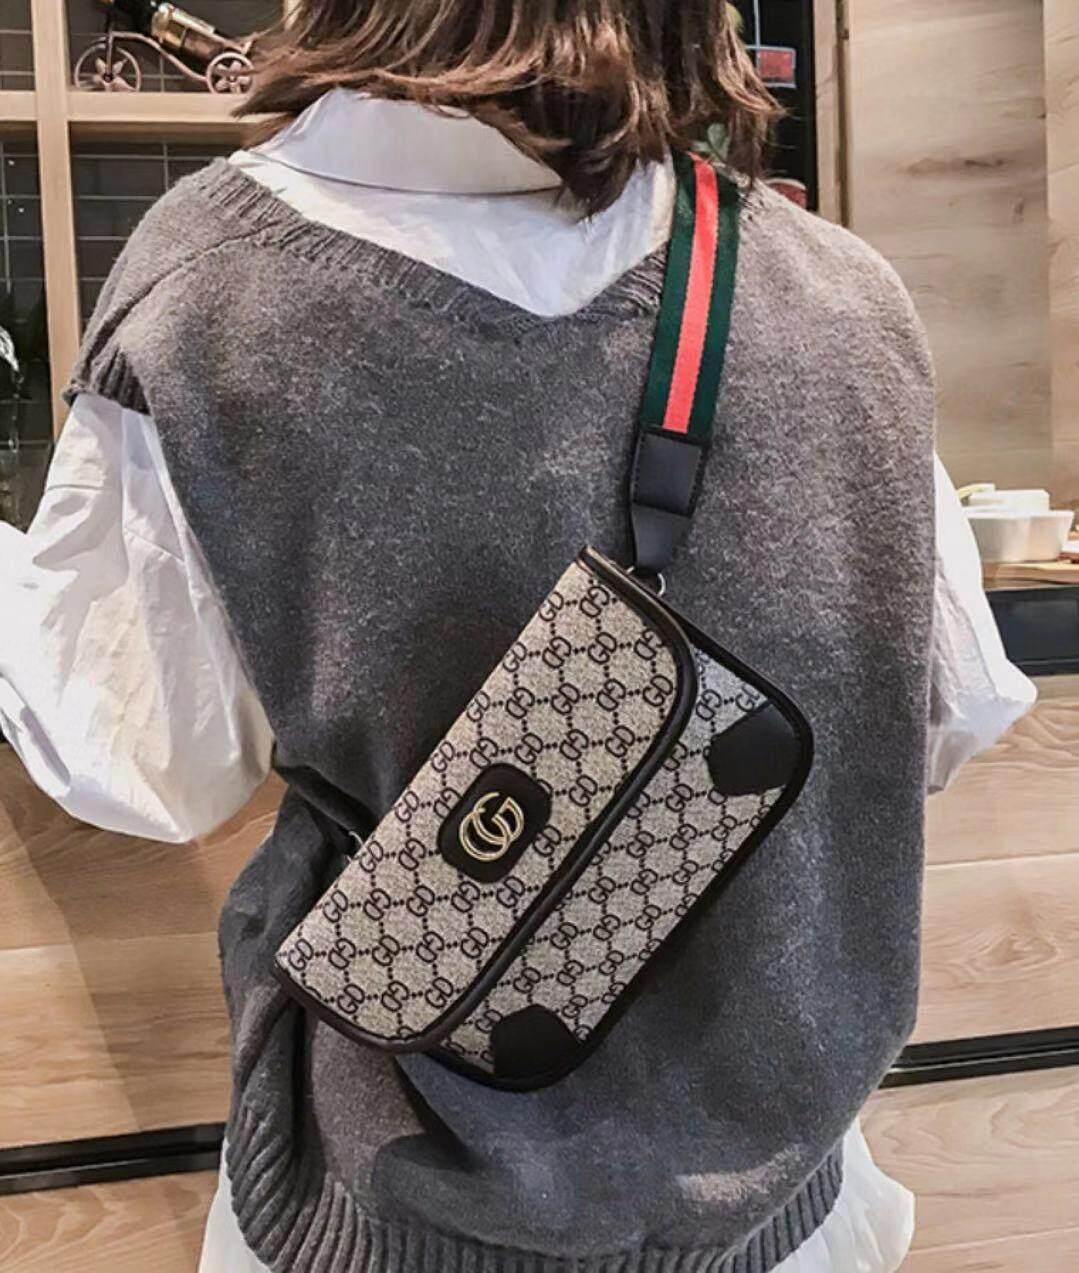 กระเป๋าสะพายพาดลำตัว นักเรียน ผู้หญิง วัยรุ่น ชัยภูมิ MISS BAG Korea Fashion Bag กระเป๋าเทรนด์แฟชั่น Gc08